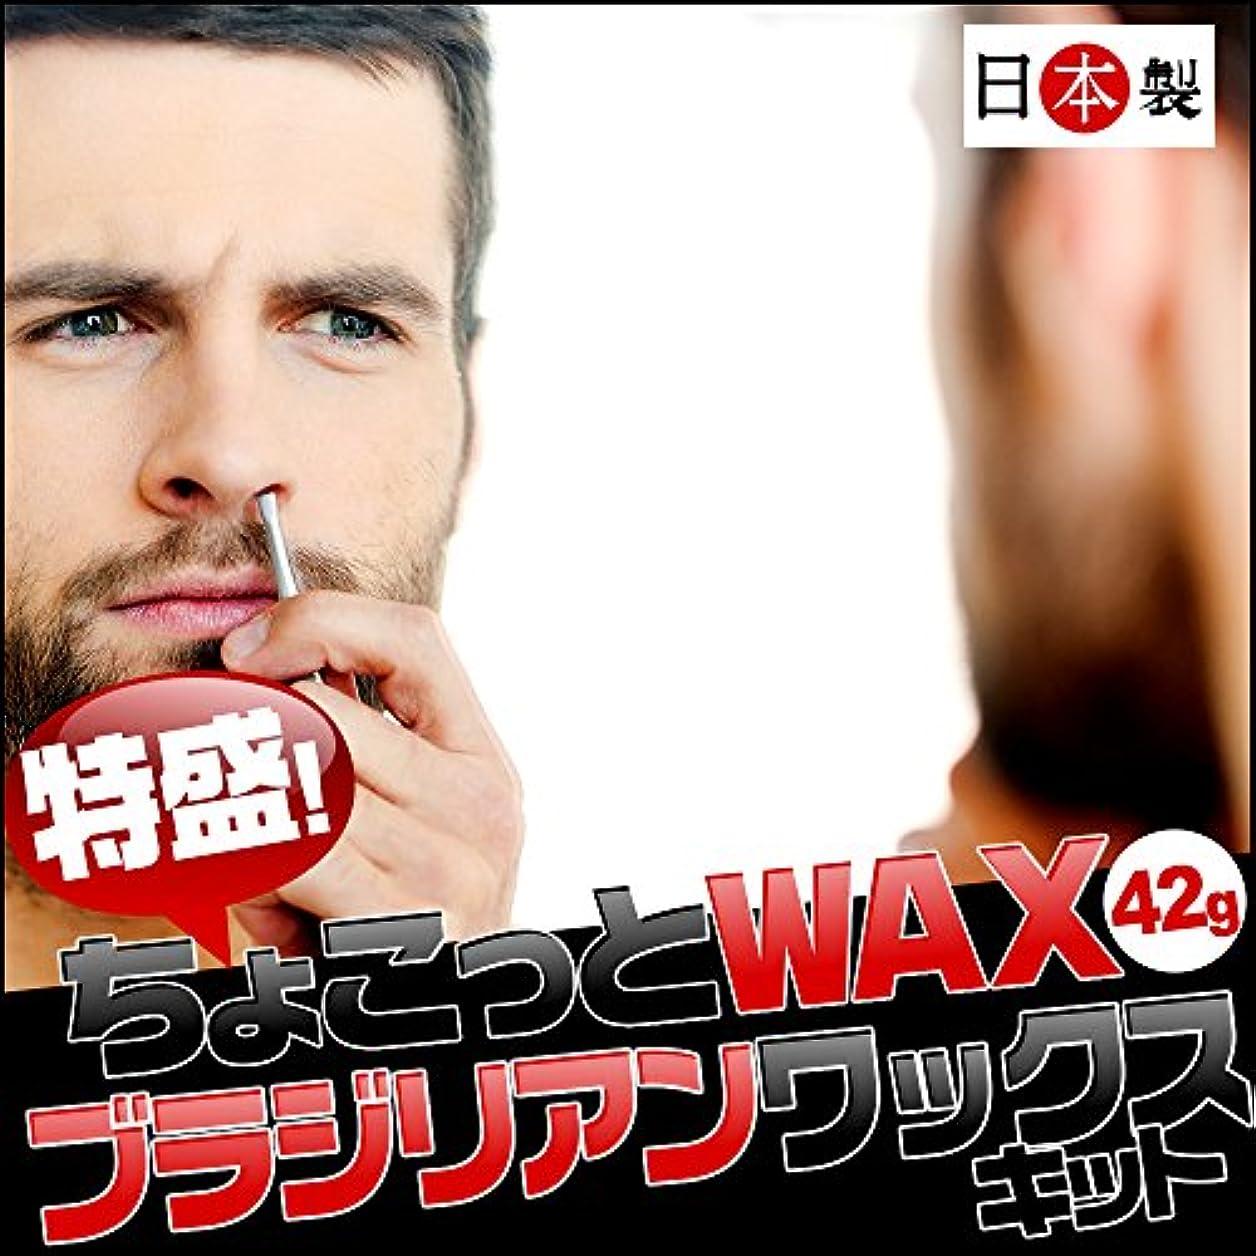 八百屋さんテント幽霊日本製ワックスで安心!鼻毛脱毛  特盛  ちょこっとWax 6回分 (鼻毛スティック12本)